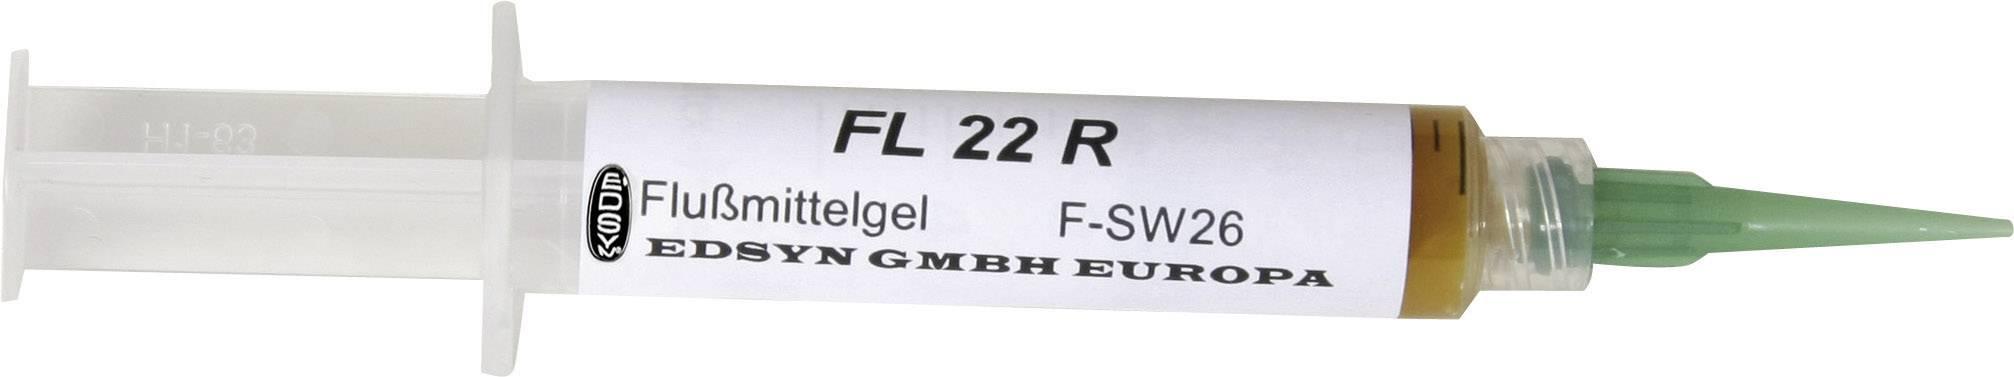 Gel Edsyn FL 22 R, F-SW 26